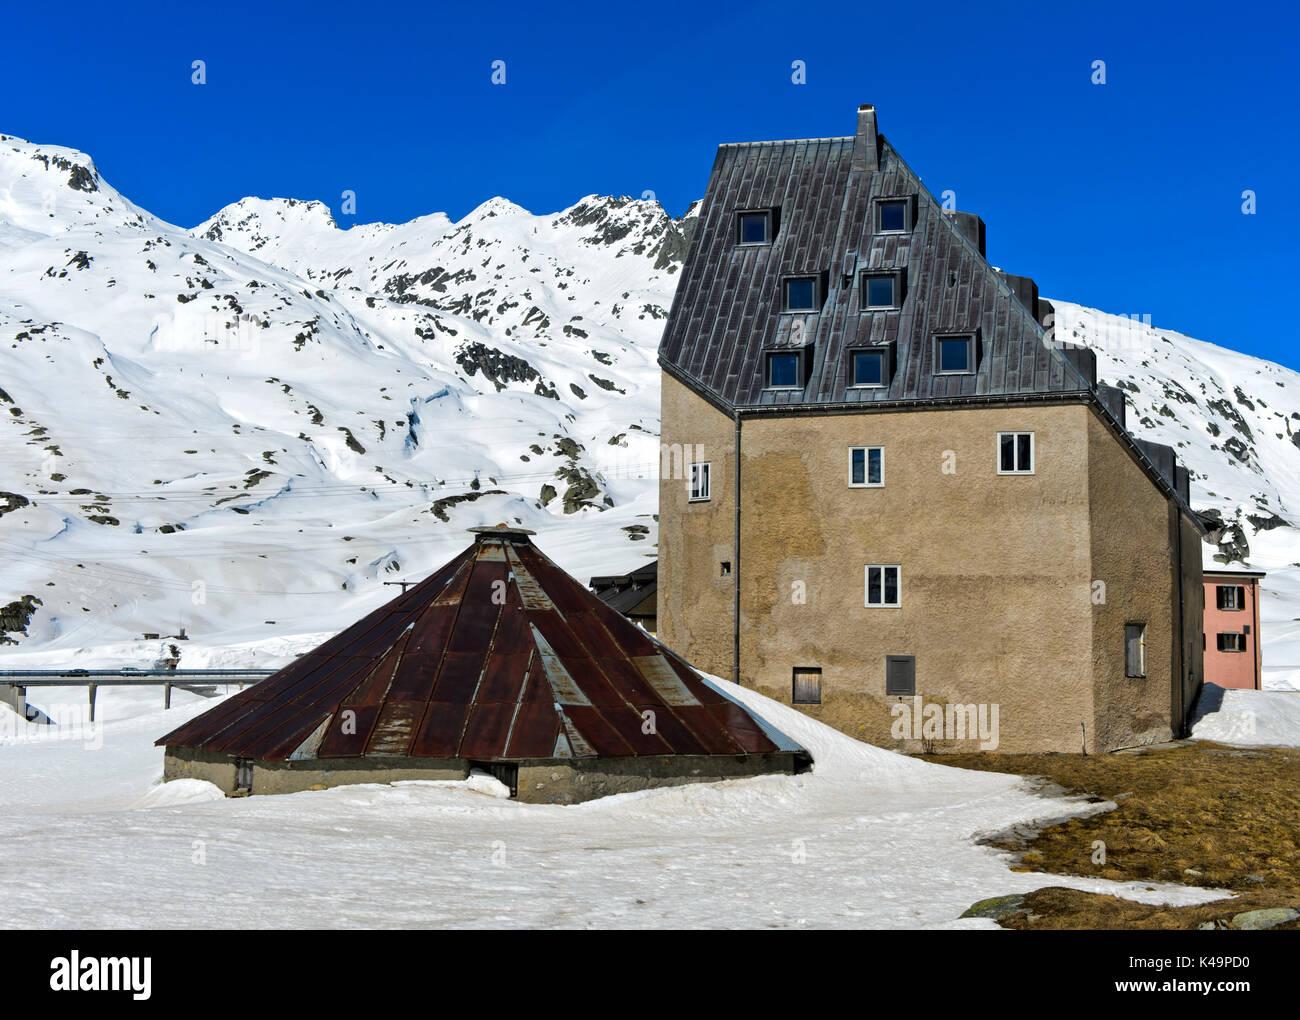 St Gotthard Hospiz st gotthard hospiz das europäische erbe st gotthard airolo